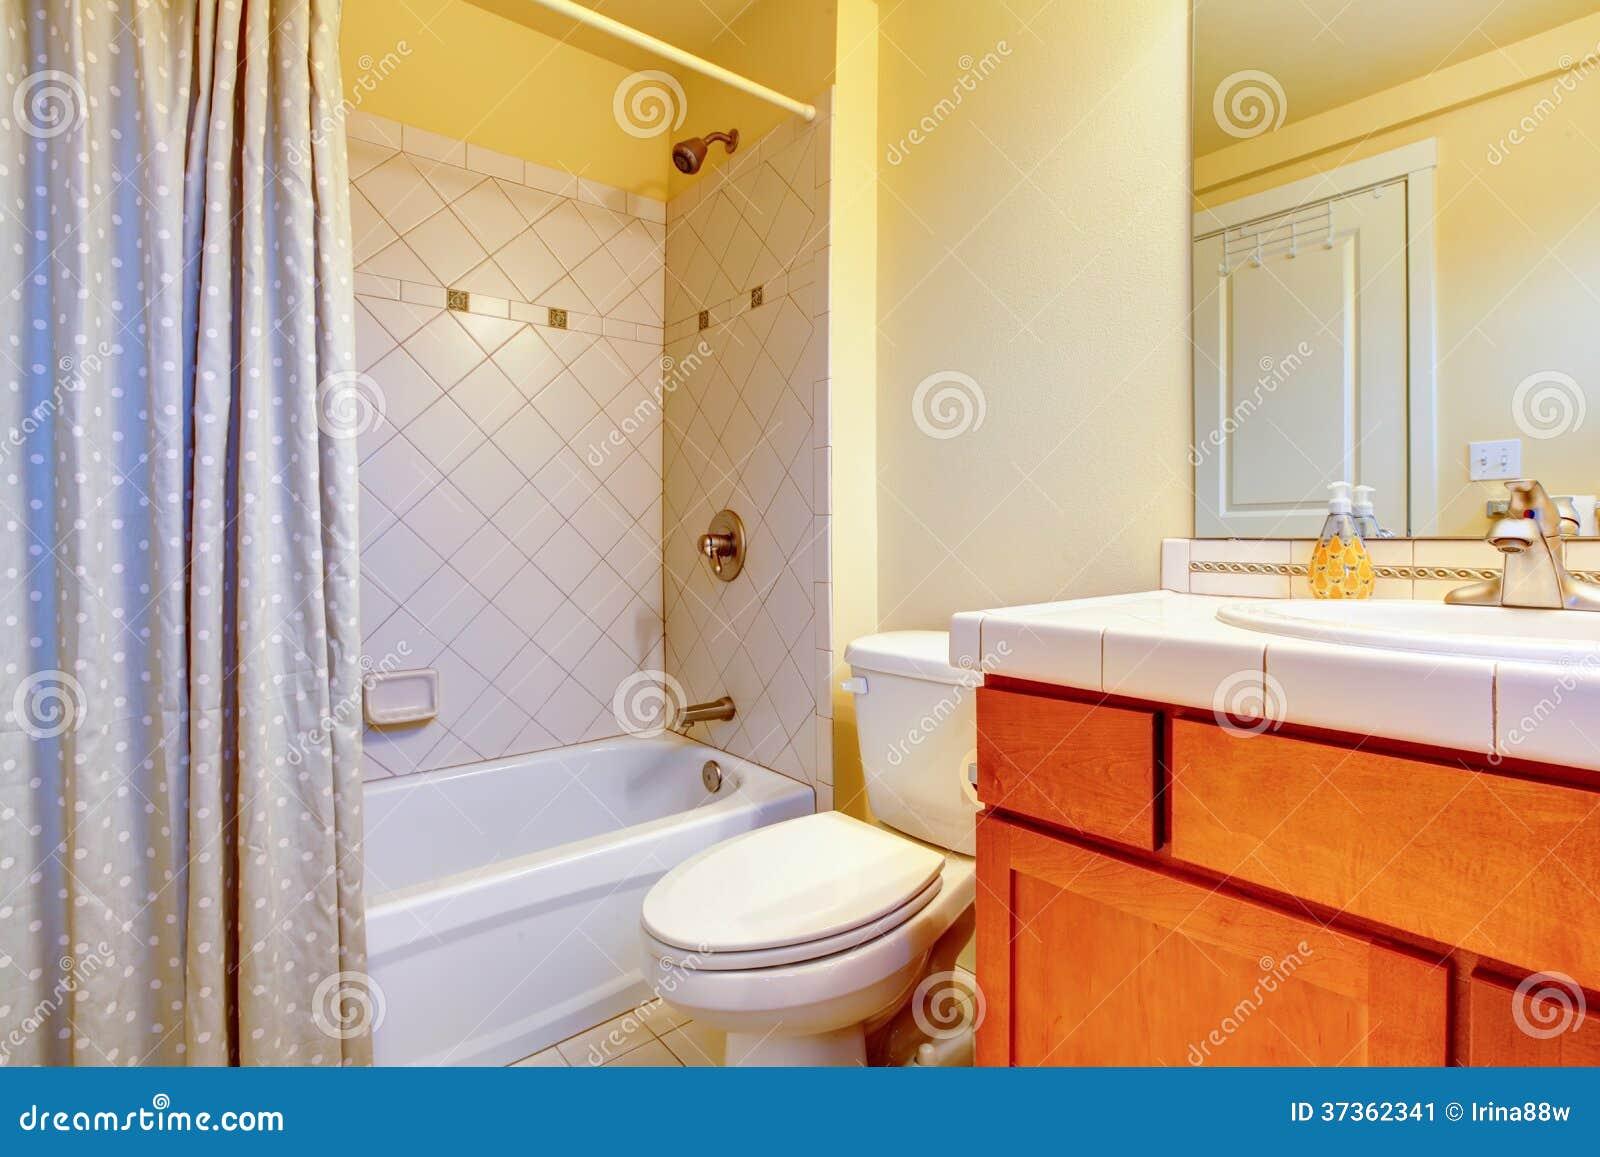 Salle De Bains Jaune-clair Confortable Image stock - Image du bassin ...